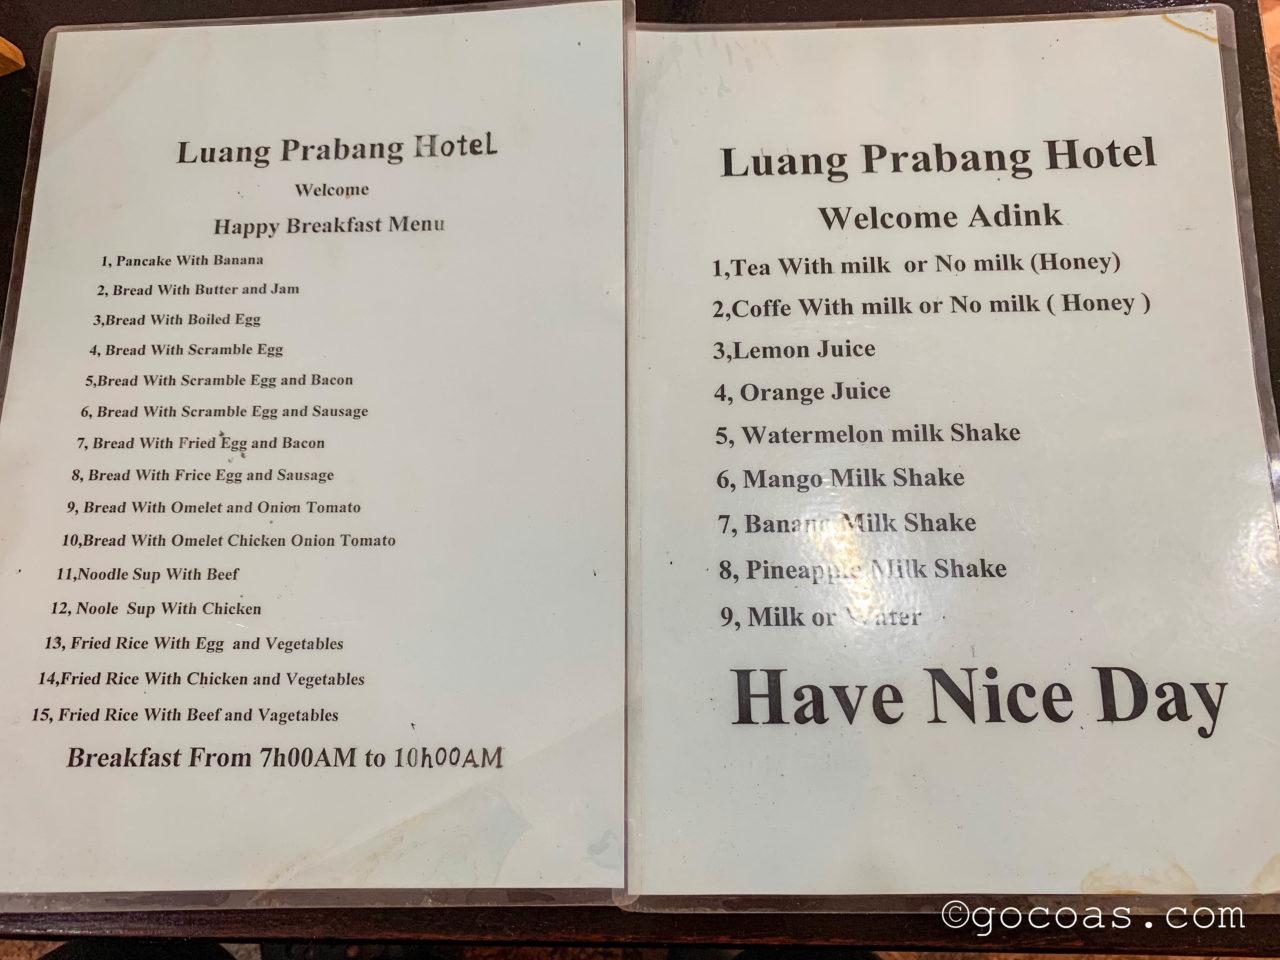 ルアンプラバーンホテルの朝食メニュー